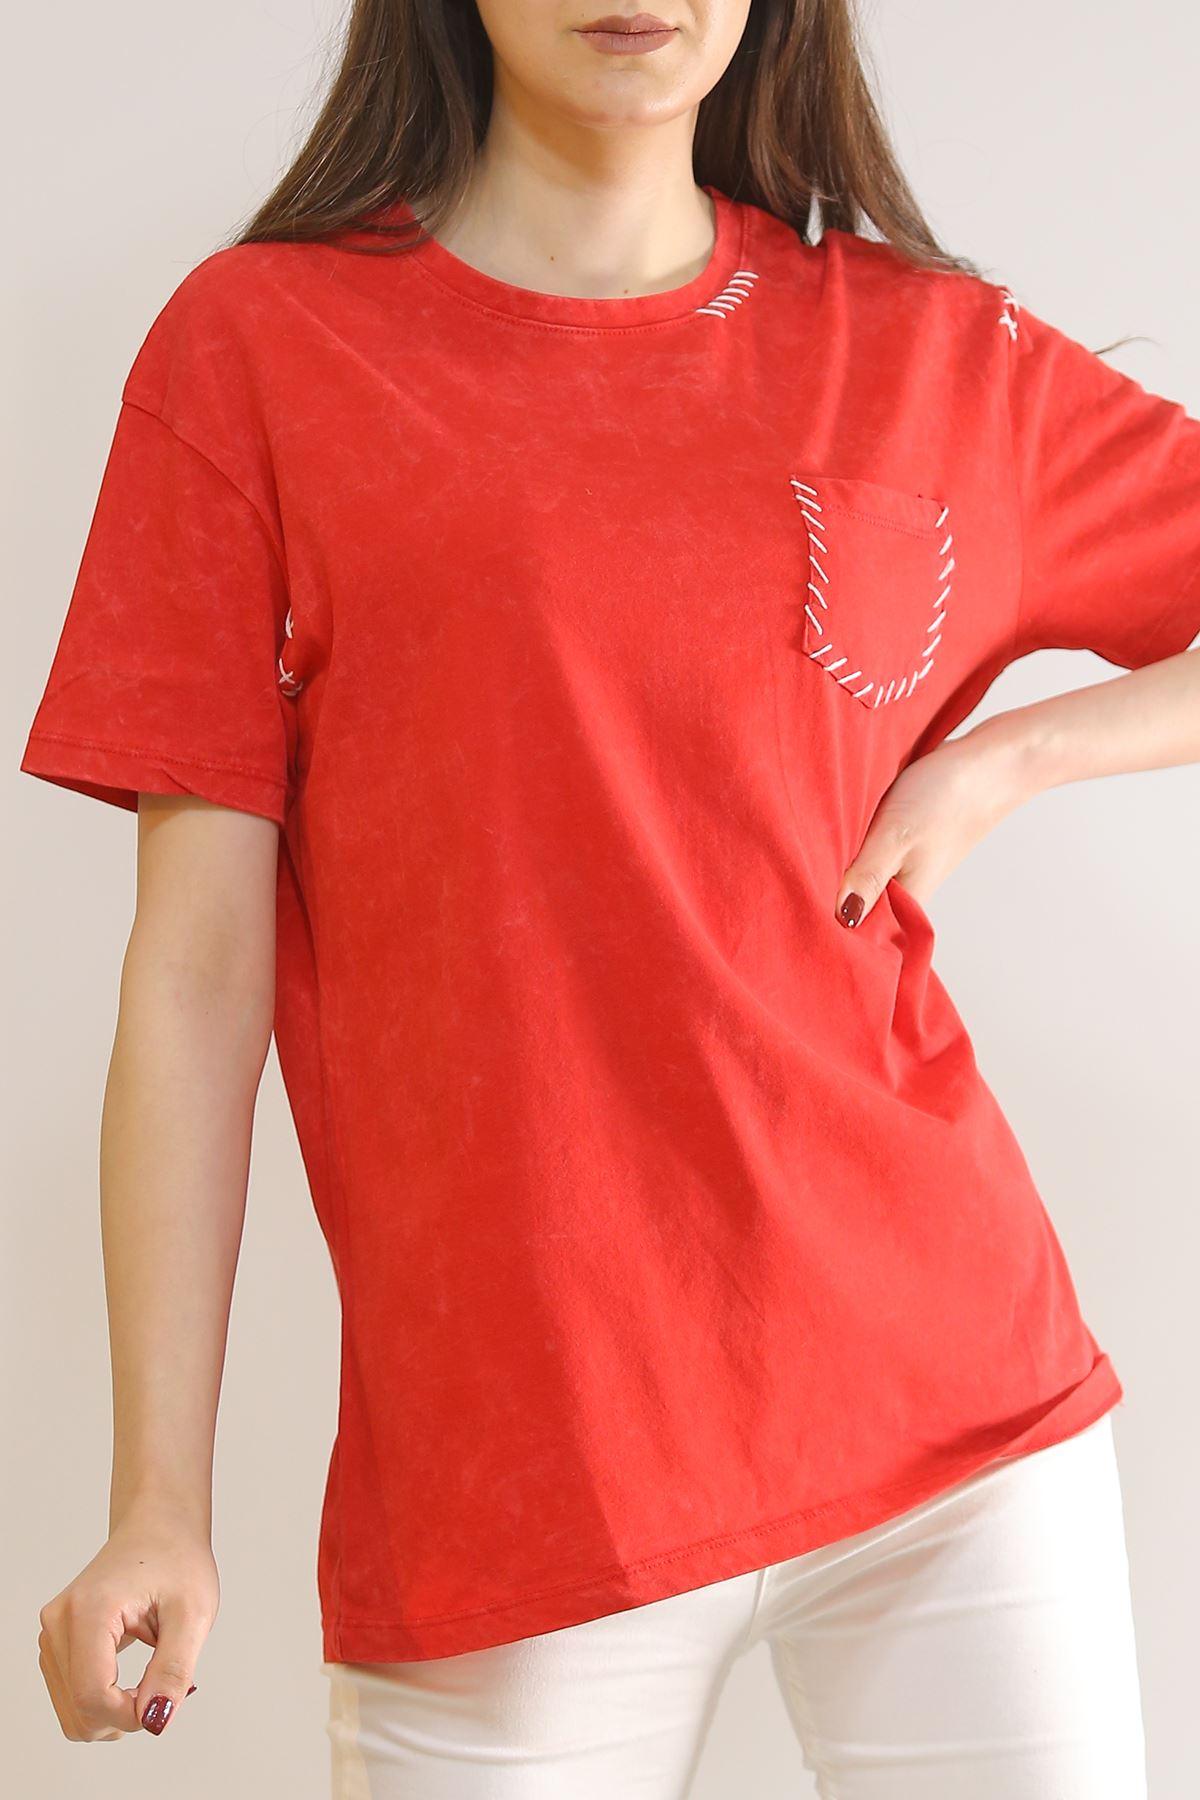 Cepli Tişört Kırmızı - 2907.196.